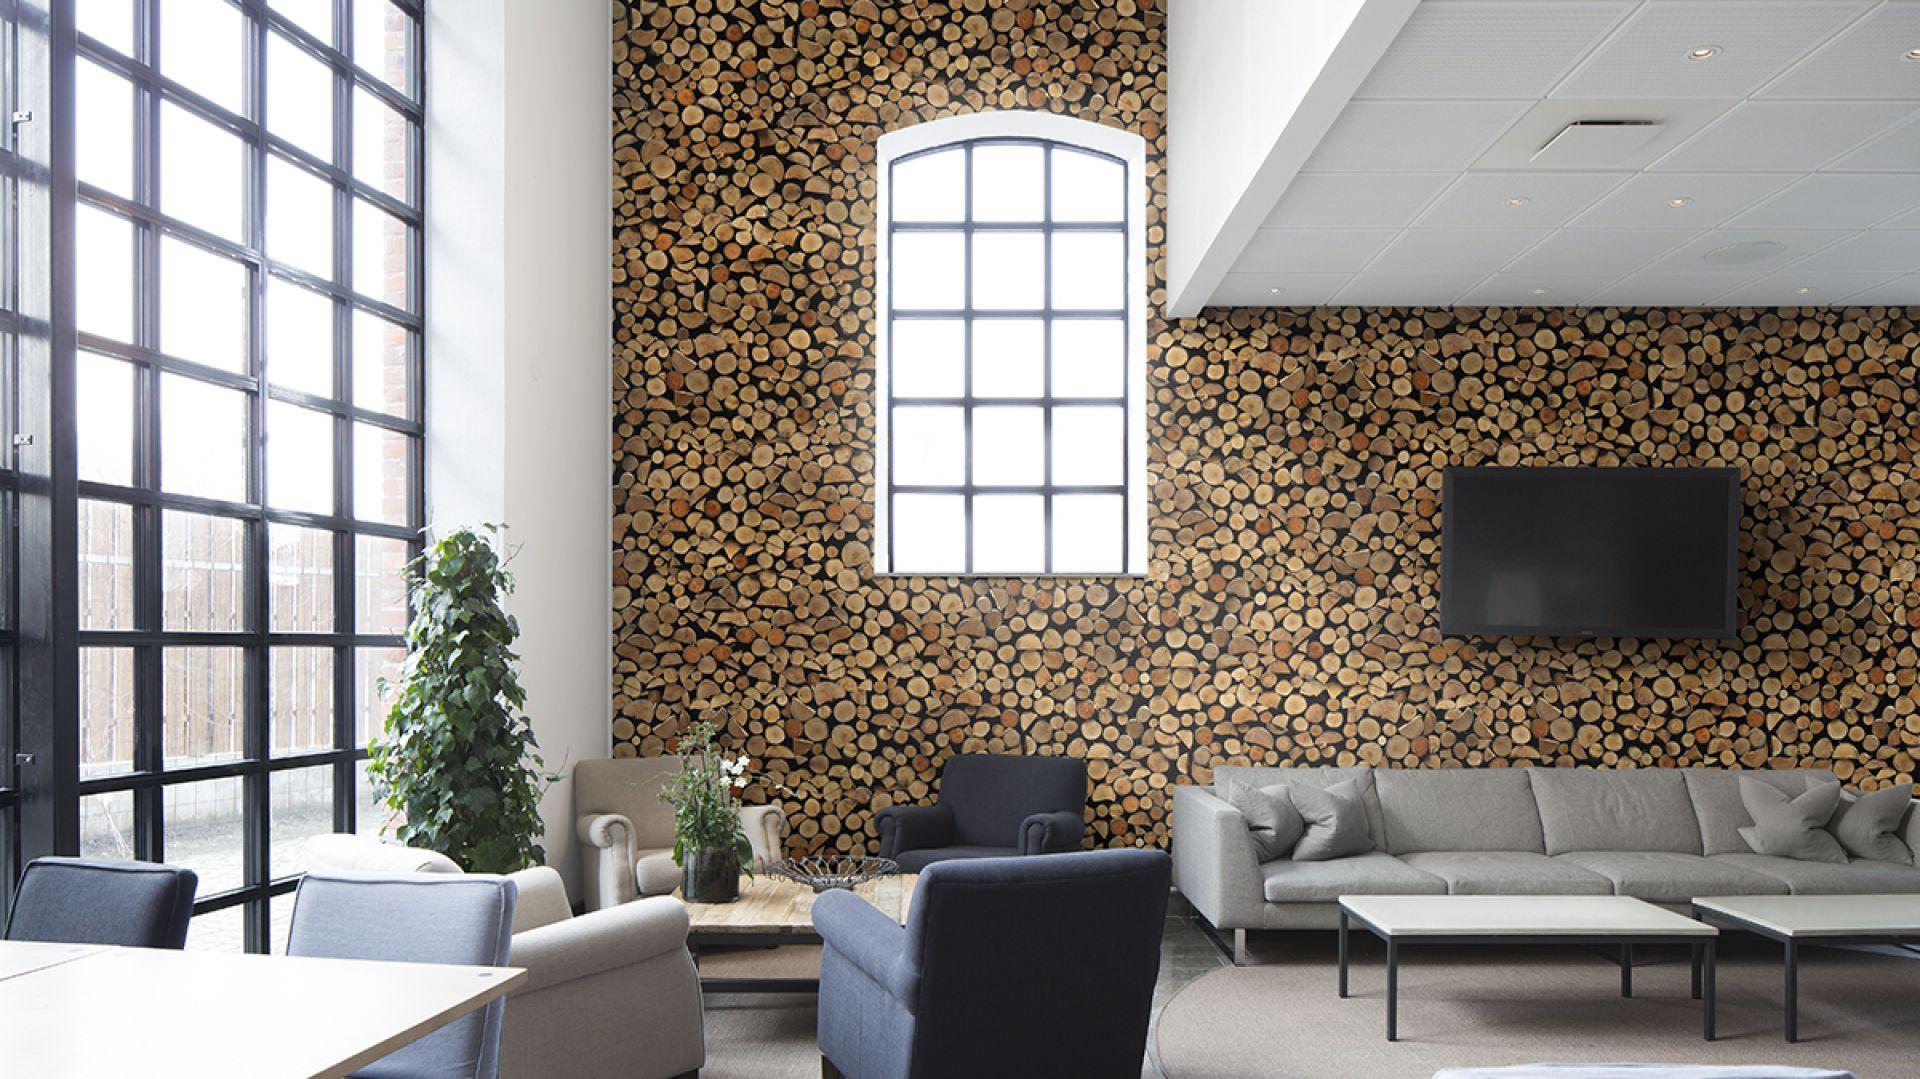 ciany w salonie fototapeta jak kamie drewno czy ceg a. Black Bedroom Furniture Sets. Home Design Ideas